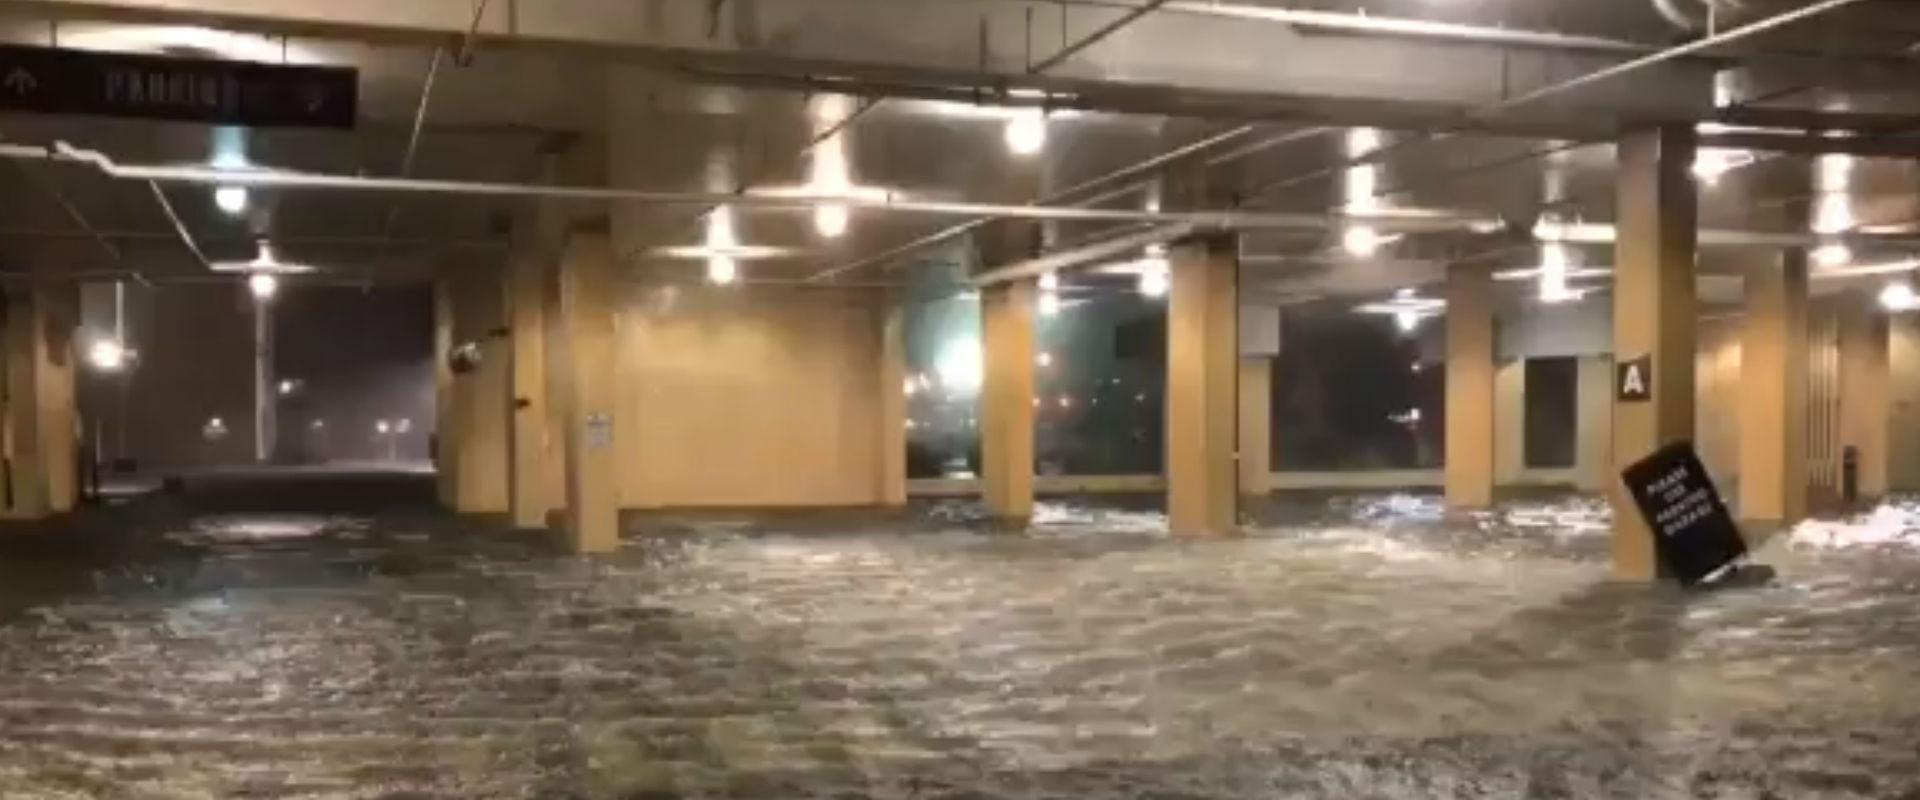 חניון מוצף באלבמה, היום